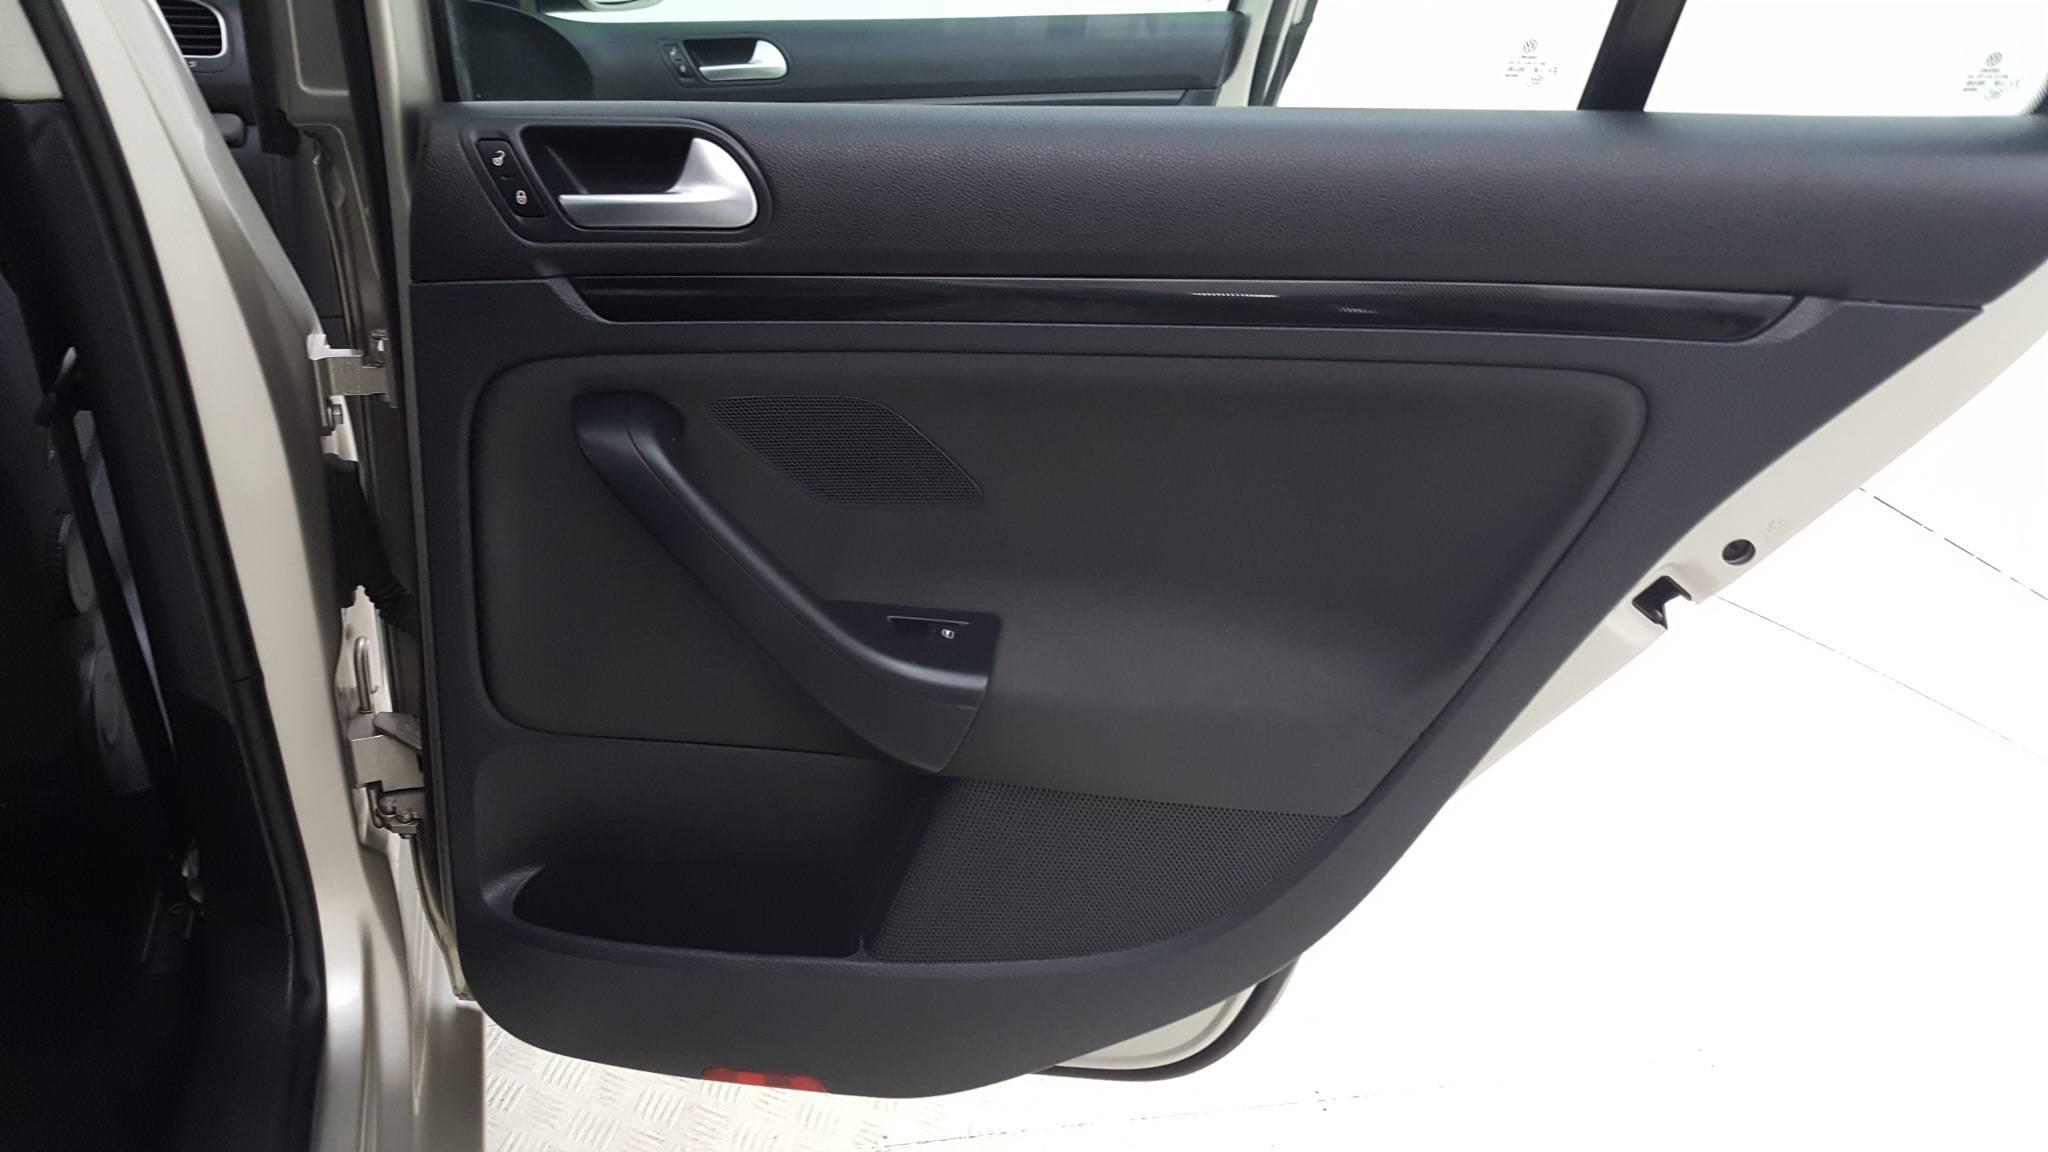 Pre-Owned 2013 Volkswagen Jetta S